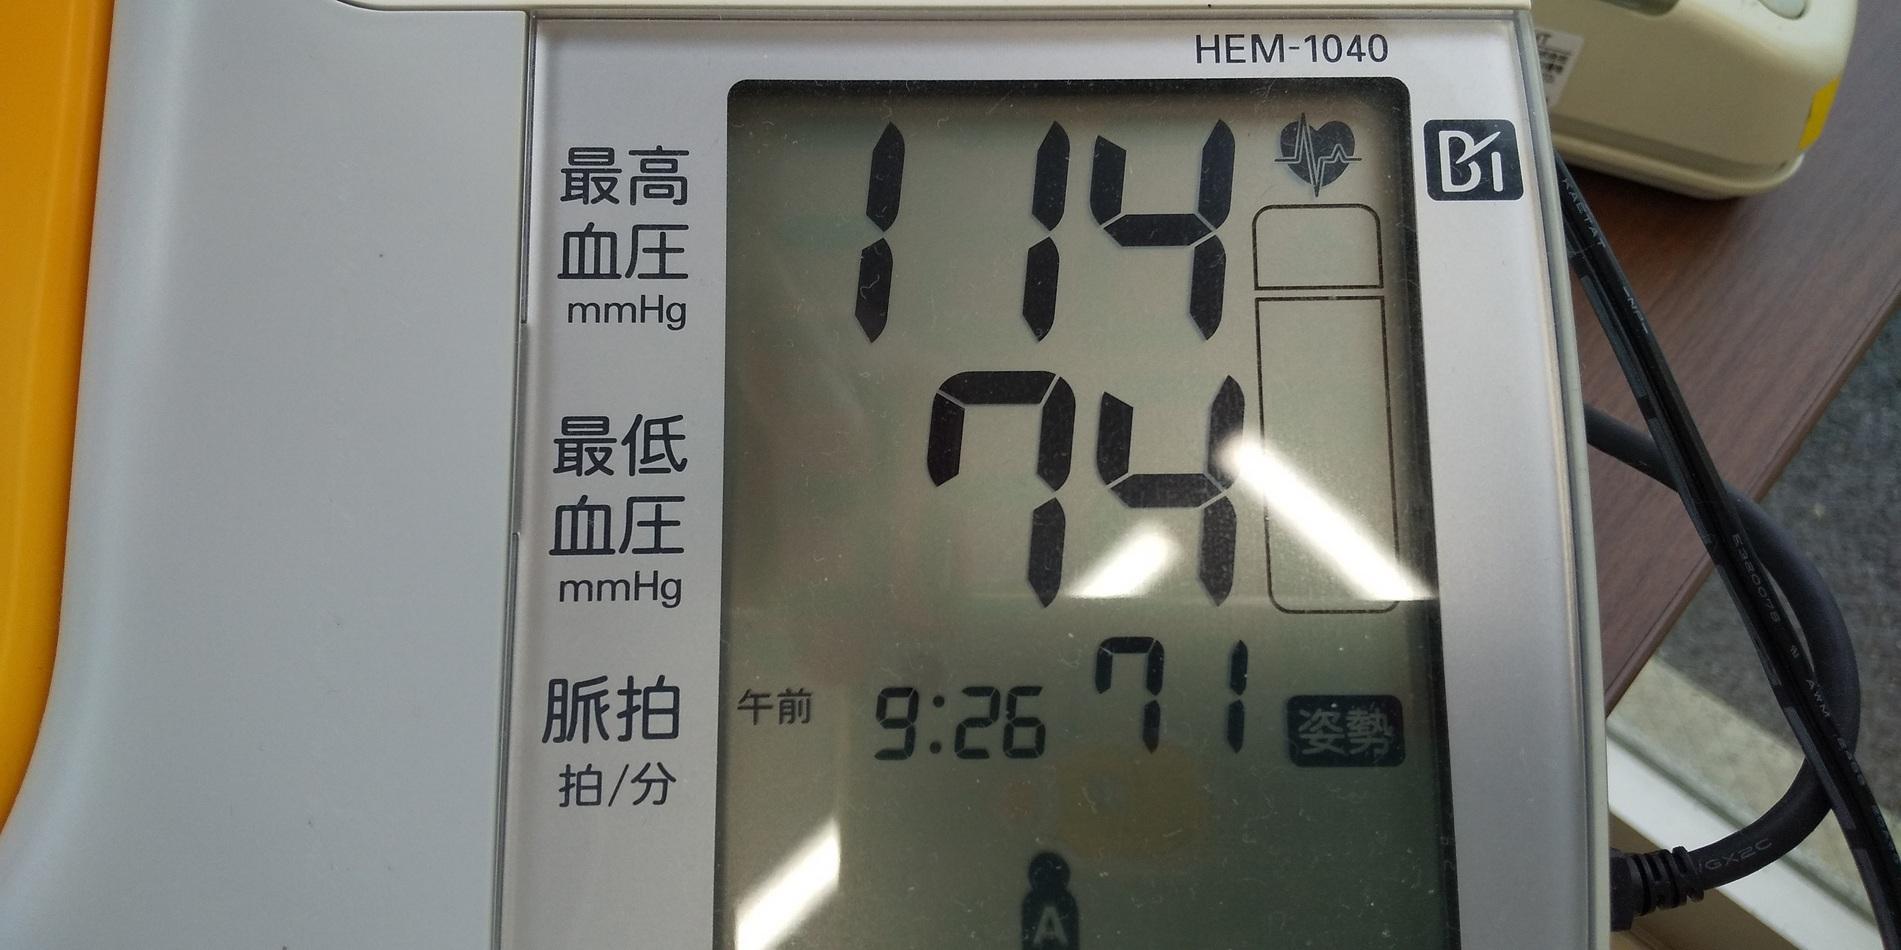 もの凄い雨☔️と風🌀病院前からまちかどカフェ🎤ご近所の皆さんにご協力いただいて🙇😊🙇_f0061067_23212940.jpg